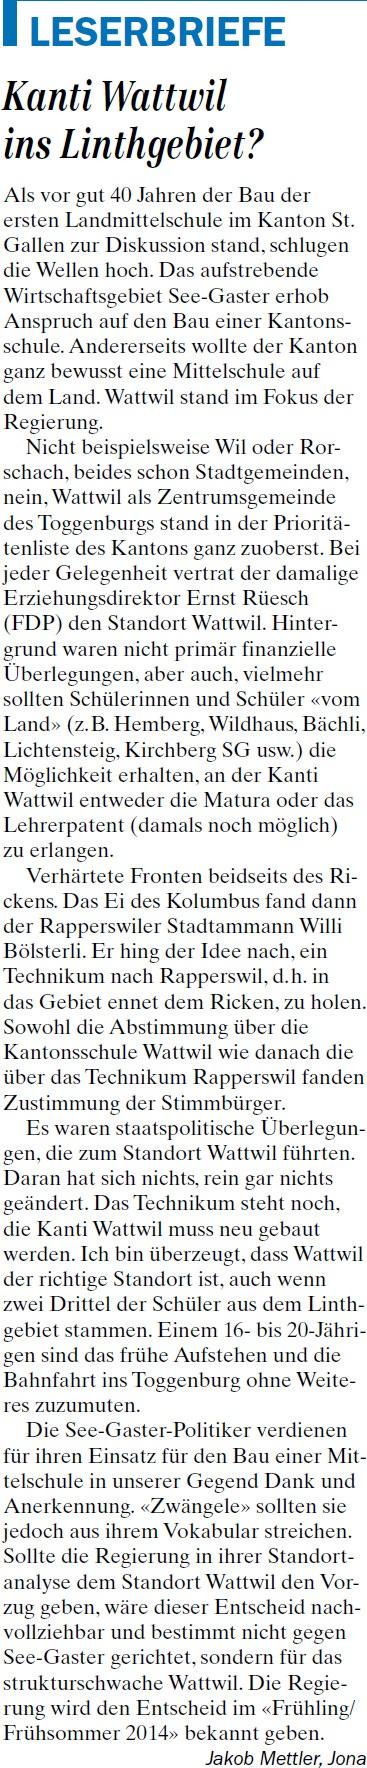 Kanti Wattwil ins Linthgebiet? (Dienstag, 04.03.2014)